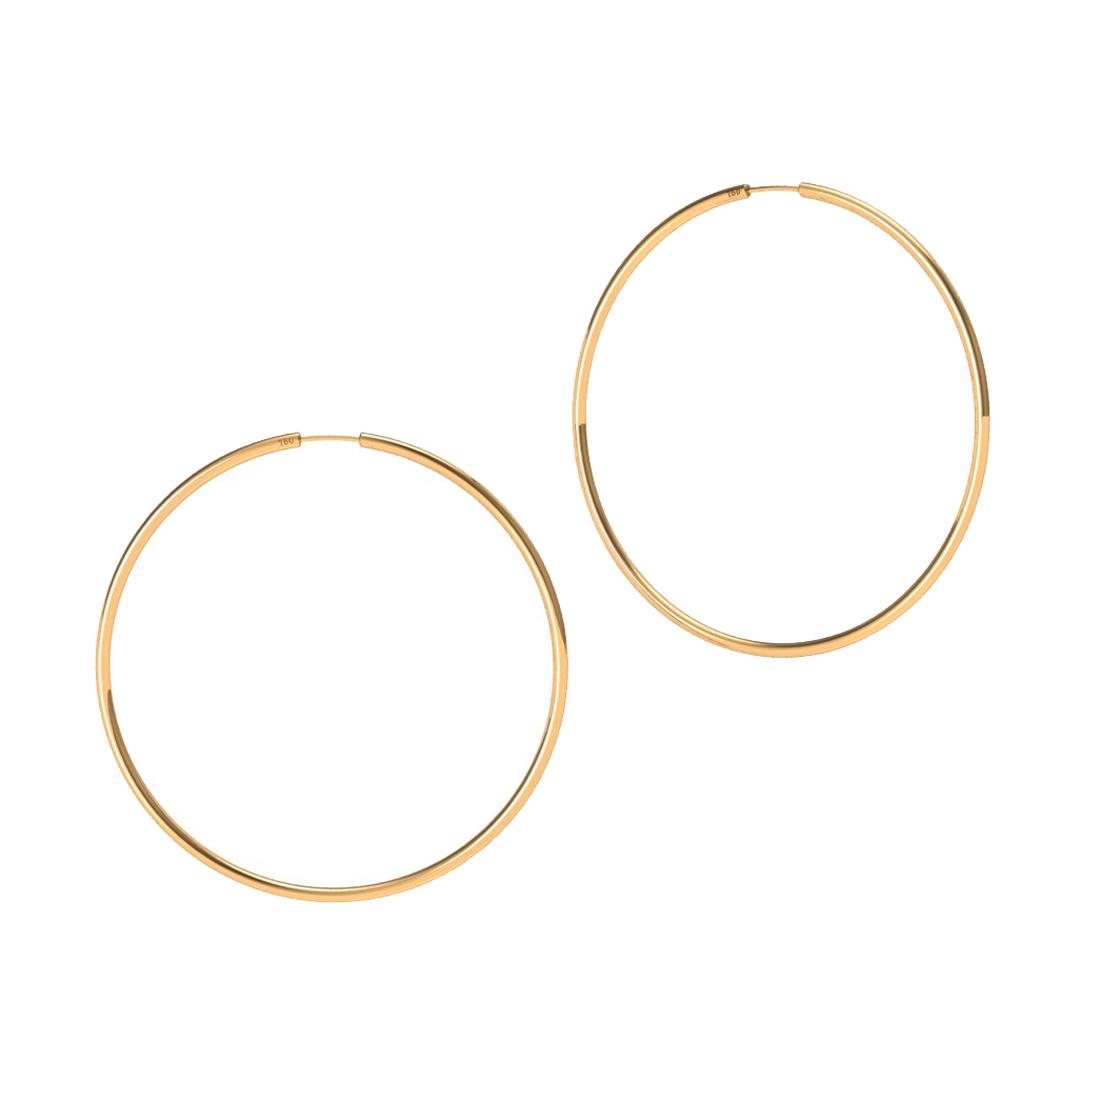 Brinco Argola 33 Milímetros Fio Redondo Unissex Ouro 18K K150 23117